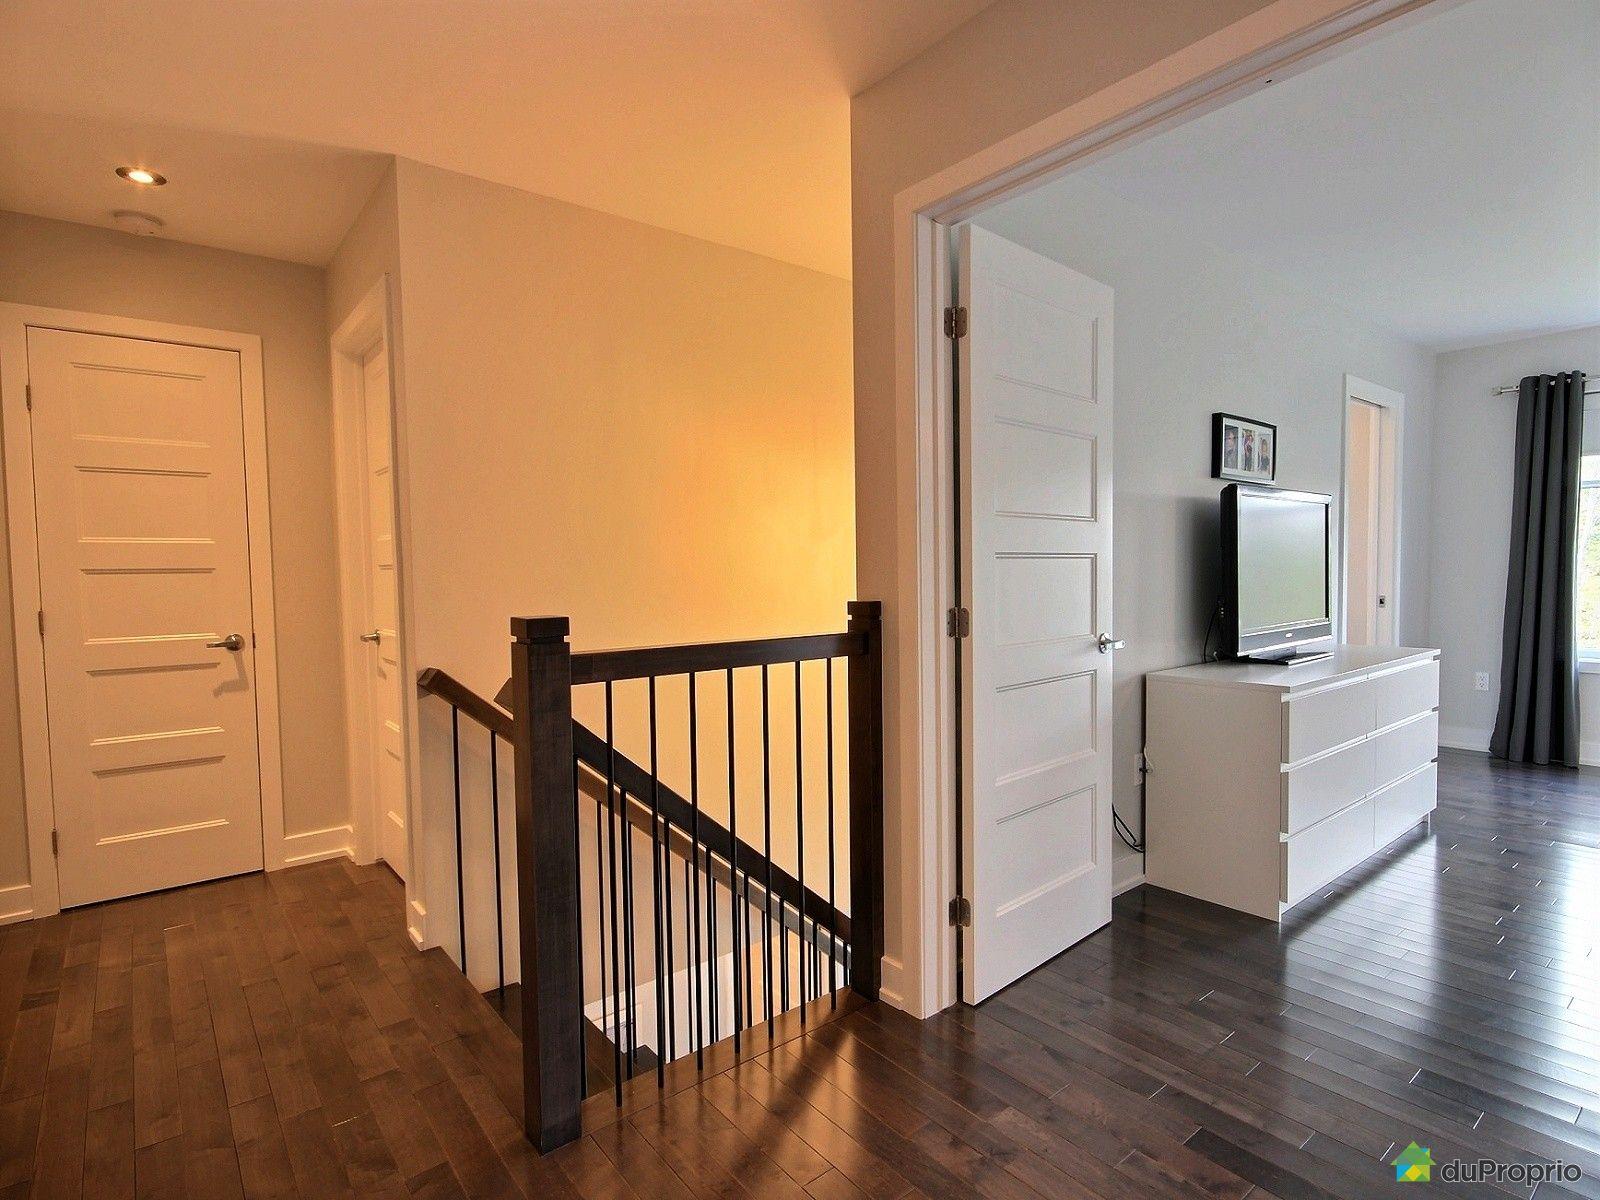 Maison vendre cantley 15 impasse de la clairi re - Armoire pour mansarde ...